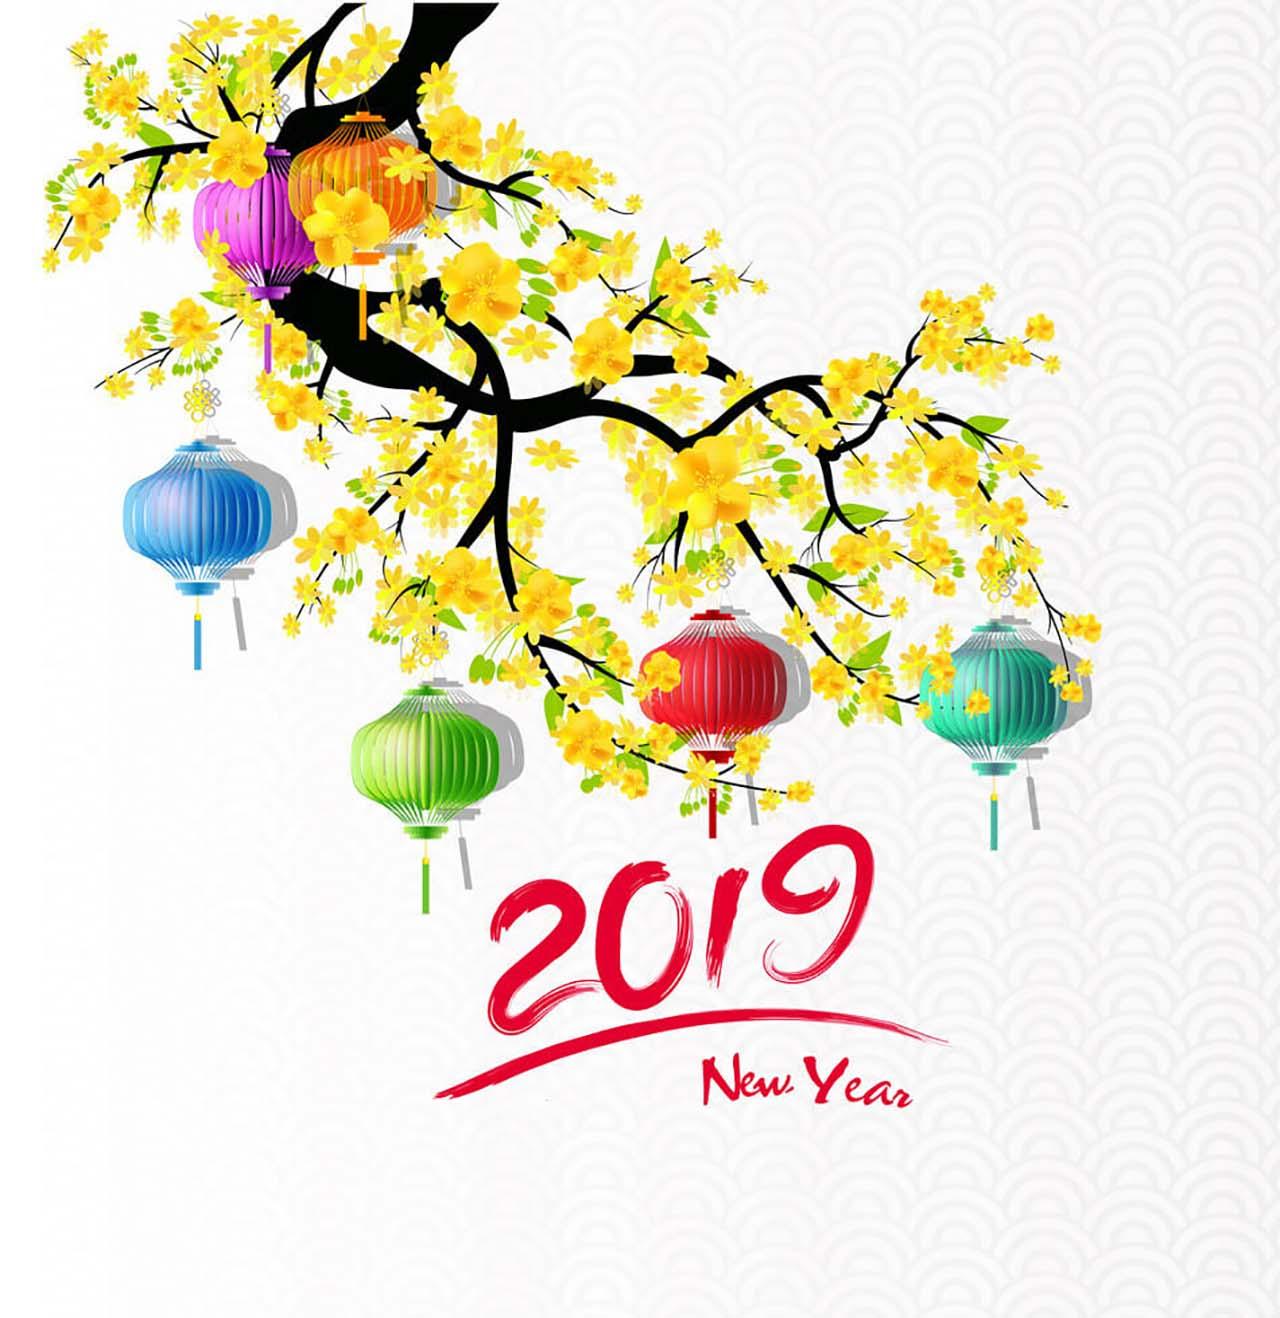 Hình nền chúc mừng năm mới 2019 cho máy tính